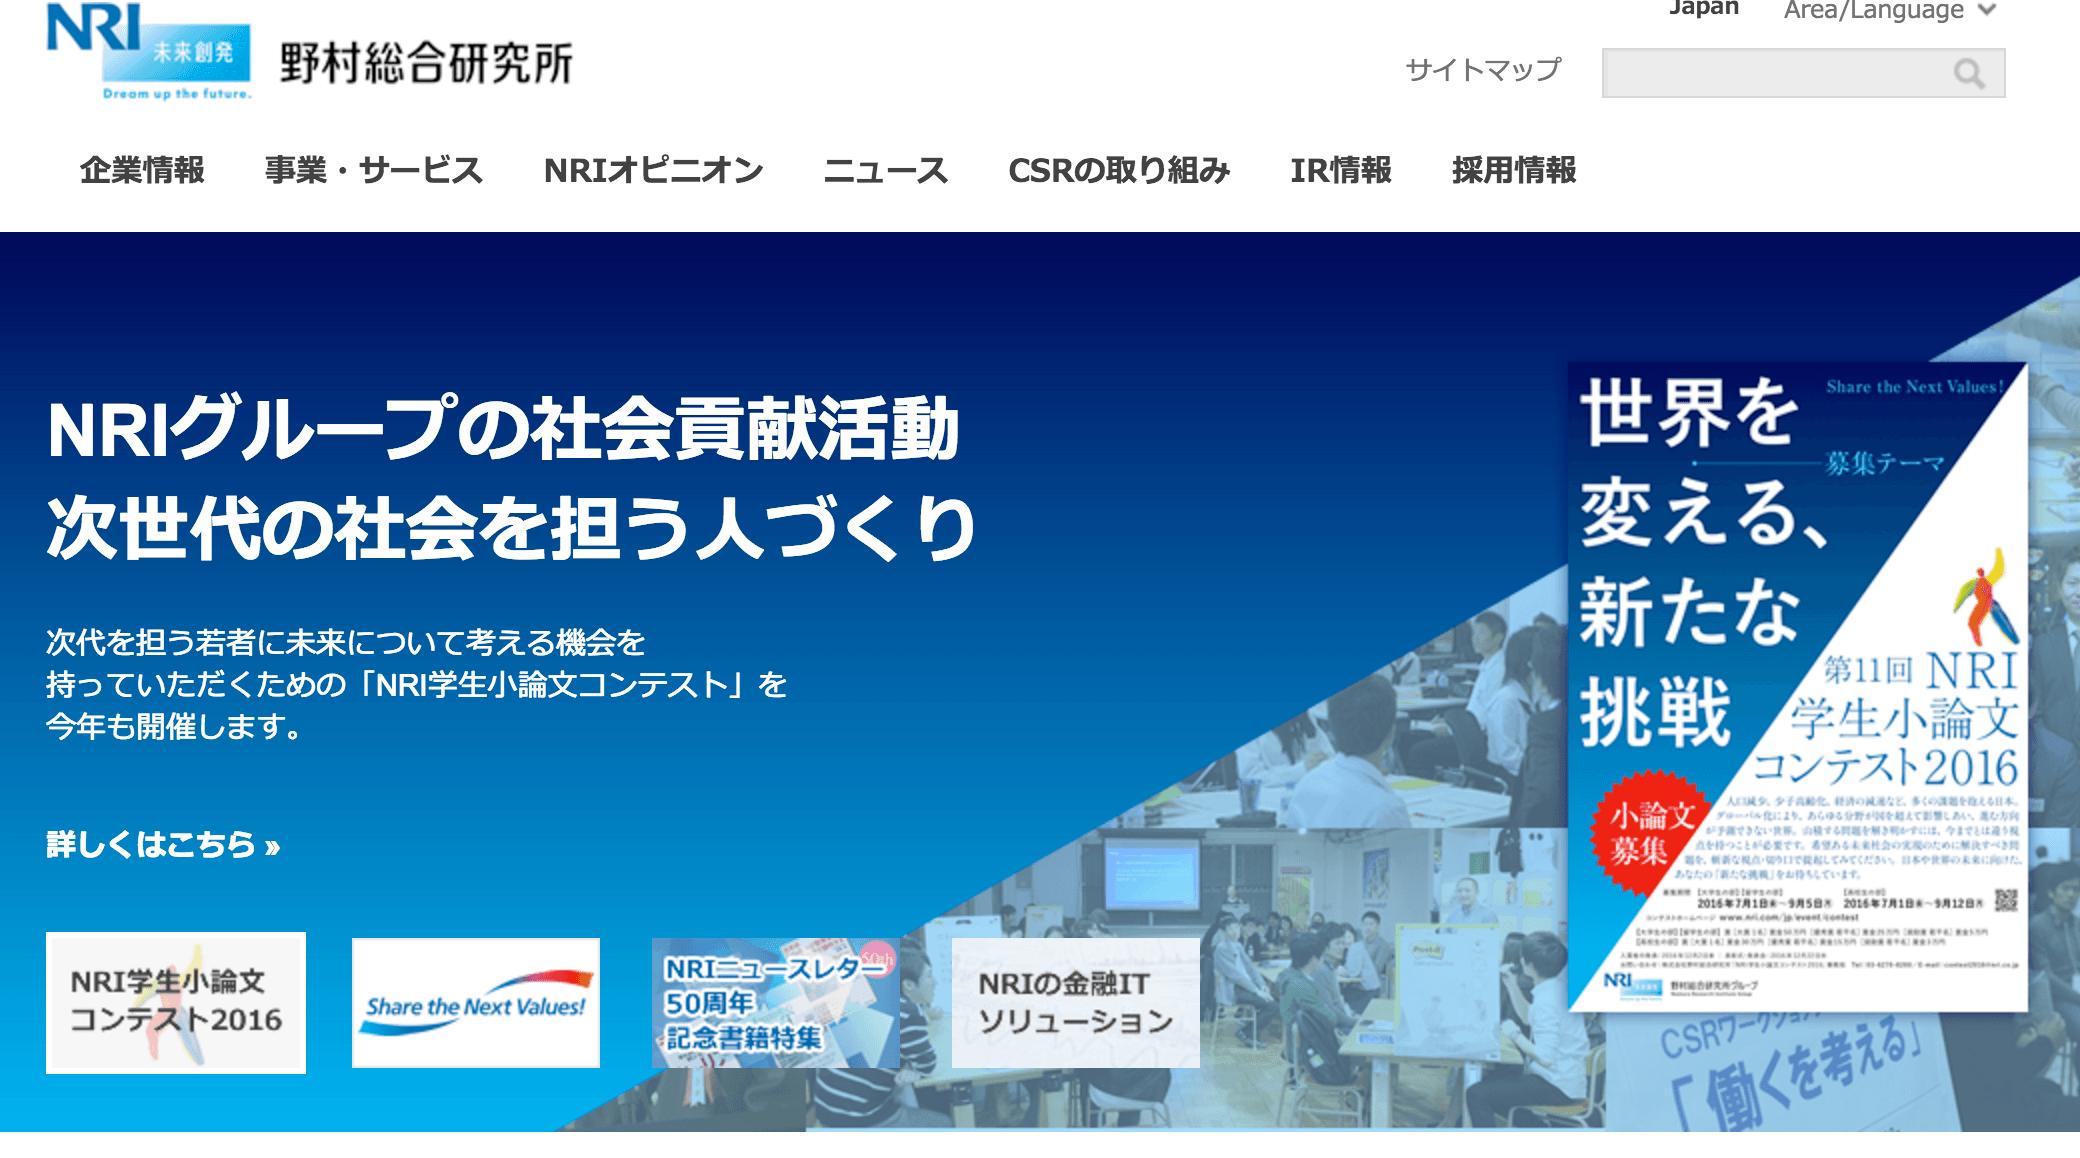 野村総合研究所のインターンシップ対策:企業研究